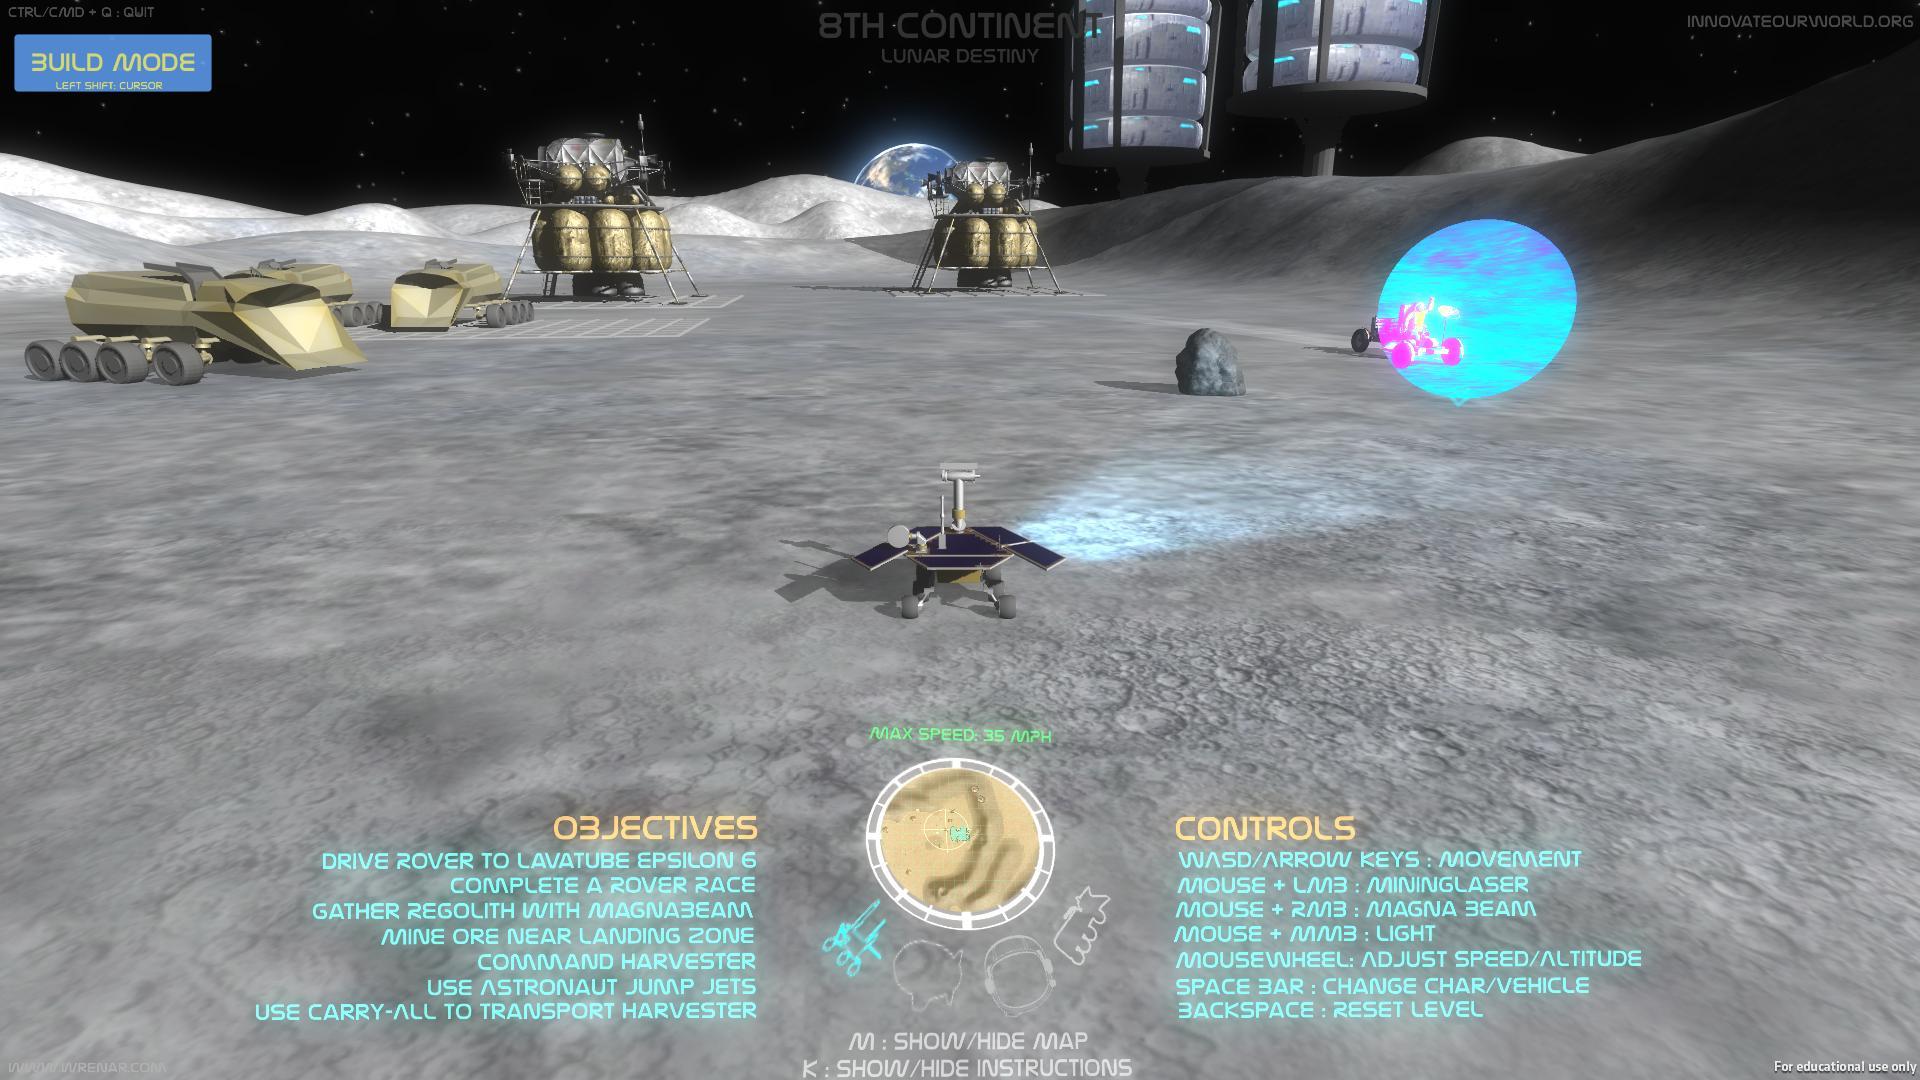 Lunar Destiny (2014-15)